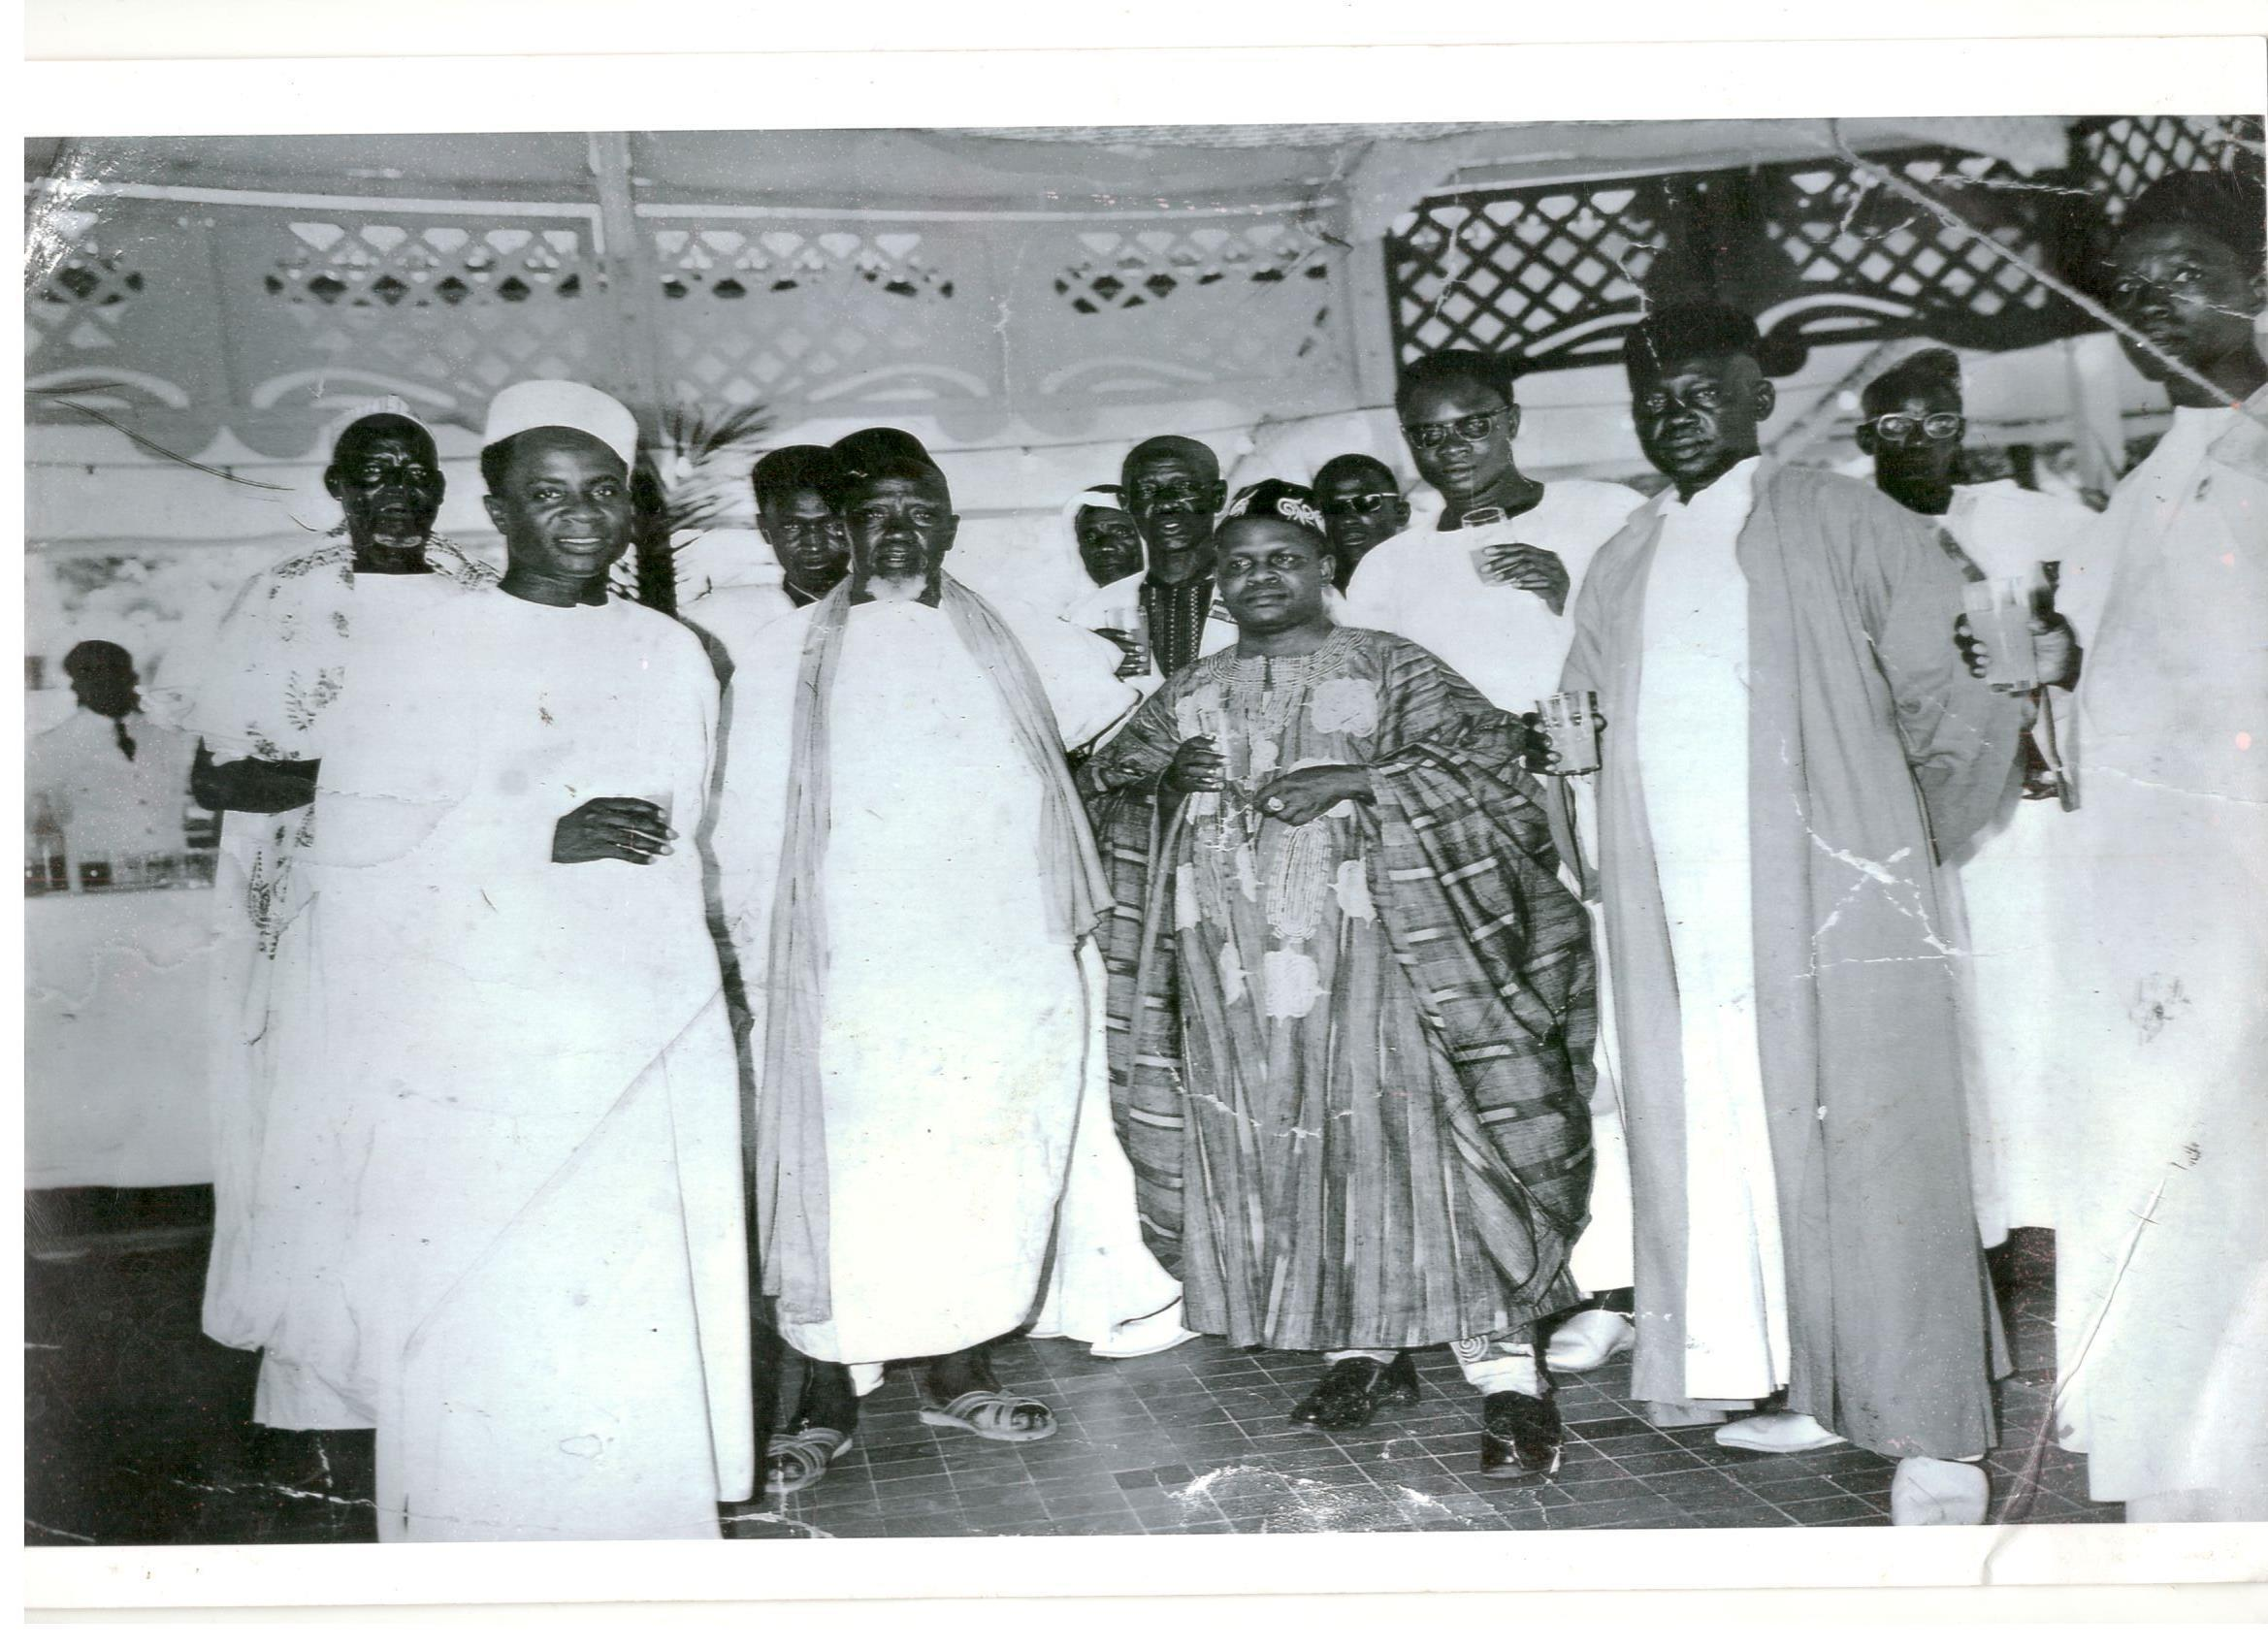 De gauche à droite au premier rang, le ministre Simon-Pierre Kikhounga-Ngot, le fondateur du grand port maritime Yero Thiam et le premier président du Congo Fulbert Youlou, 1960.